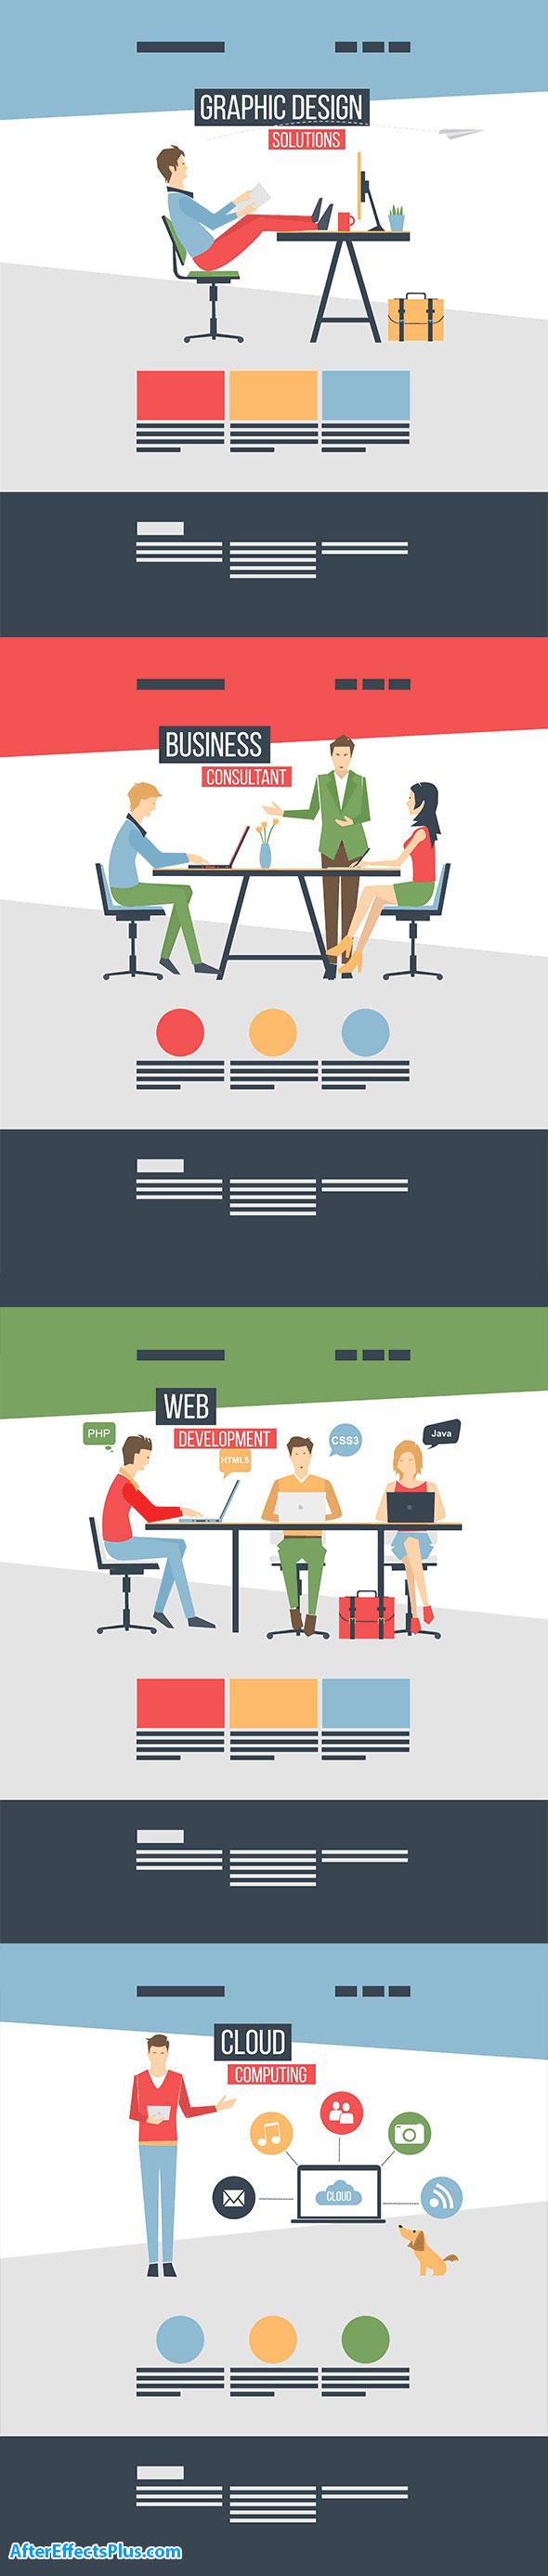 پروژه افتر افکت کاراکتر فلت متحرک برای موشن گرافیک - Flat Corporate People